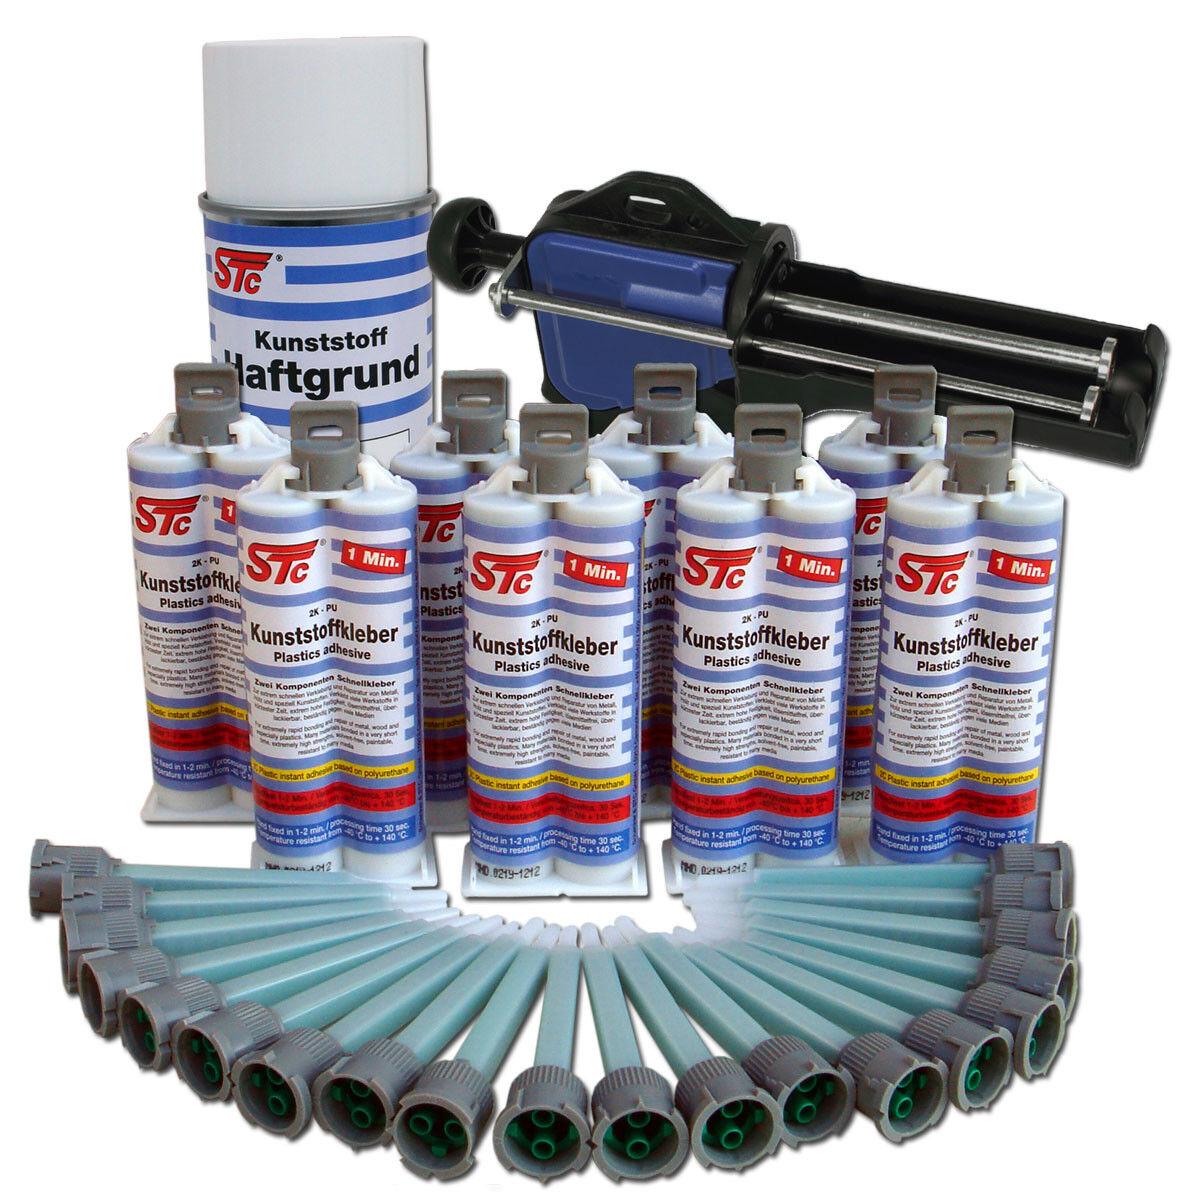 8 x 50 g 2K PU Kunststoffkleber 1 Minute Kunststoffreperatur Set inkl. Zubehör